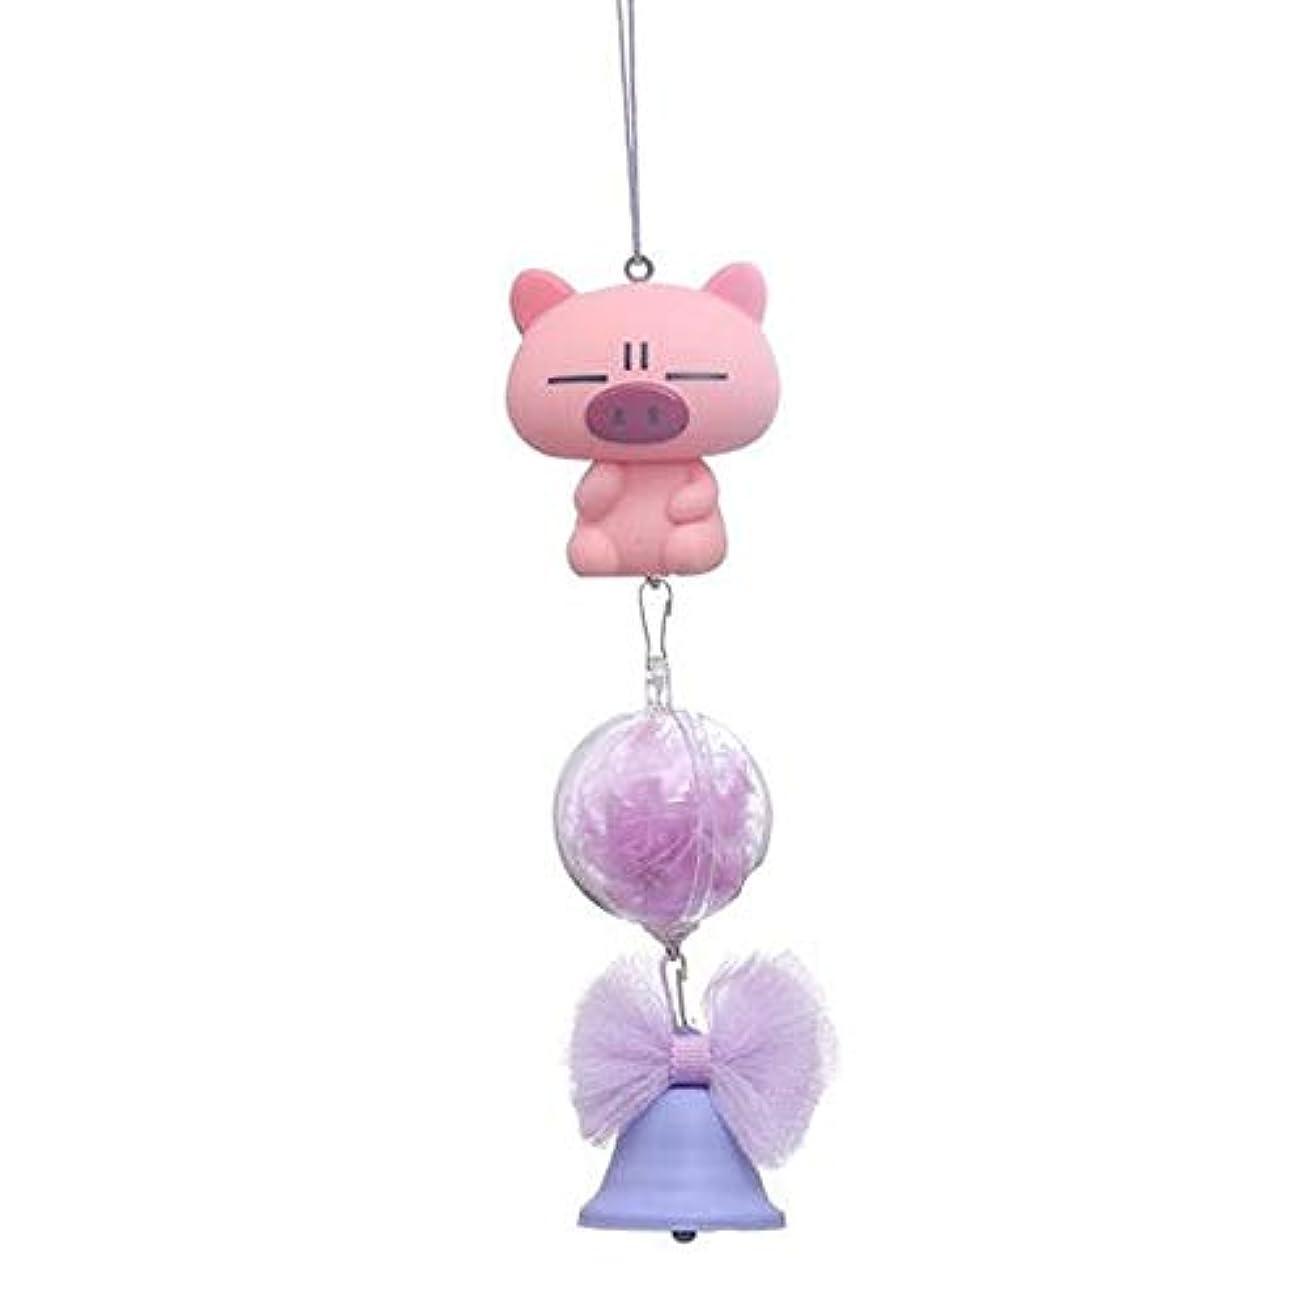 バイナリウィスキーロールYougou01 風チャイム、シリコーン素材クリエイティブ豚の風チャイム、パープル、全身について27cmの 、創造的な装飾 (Color : Purple)